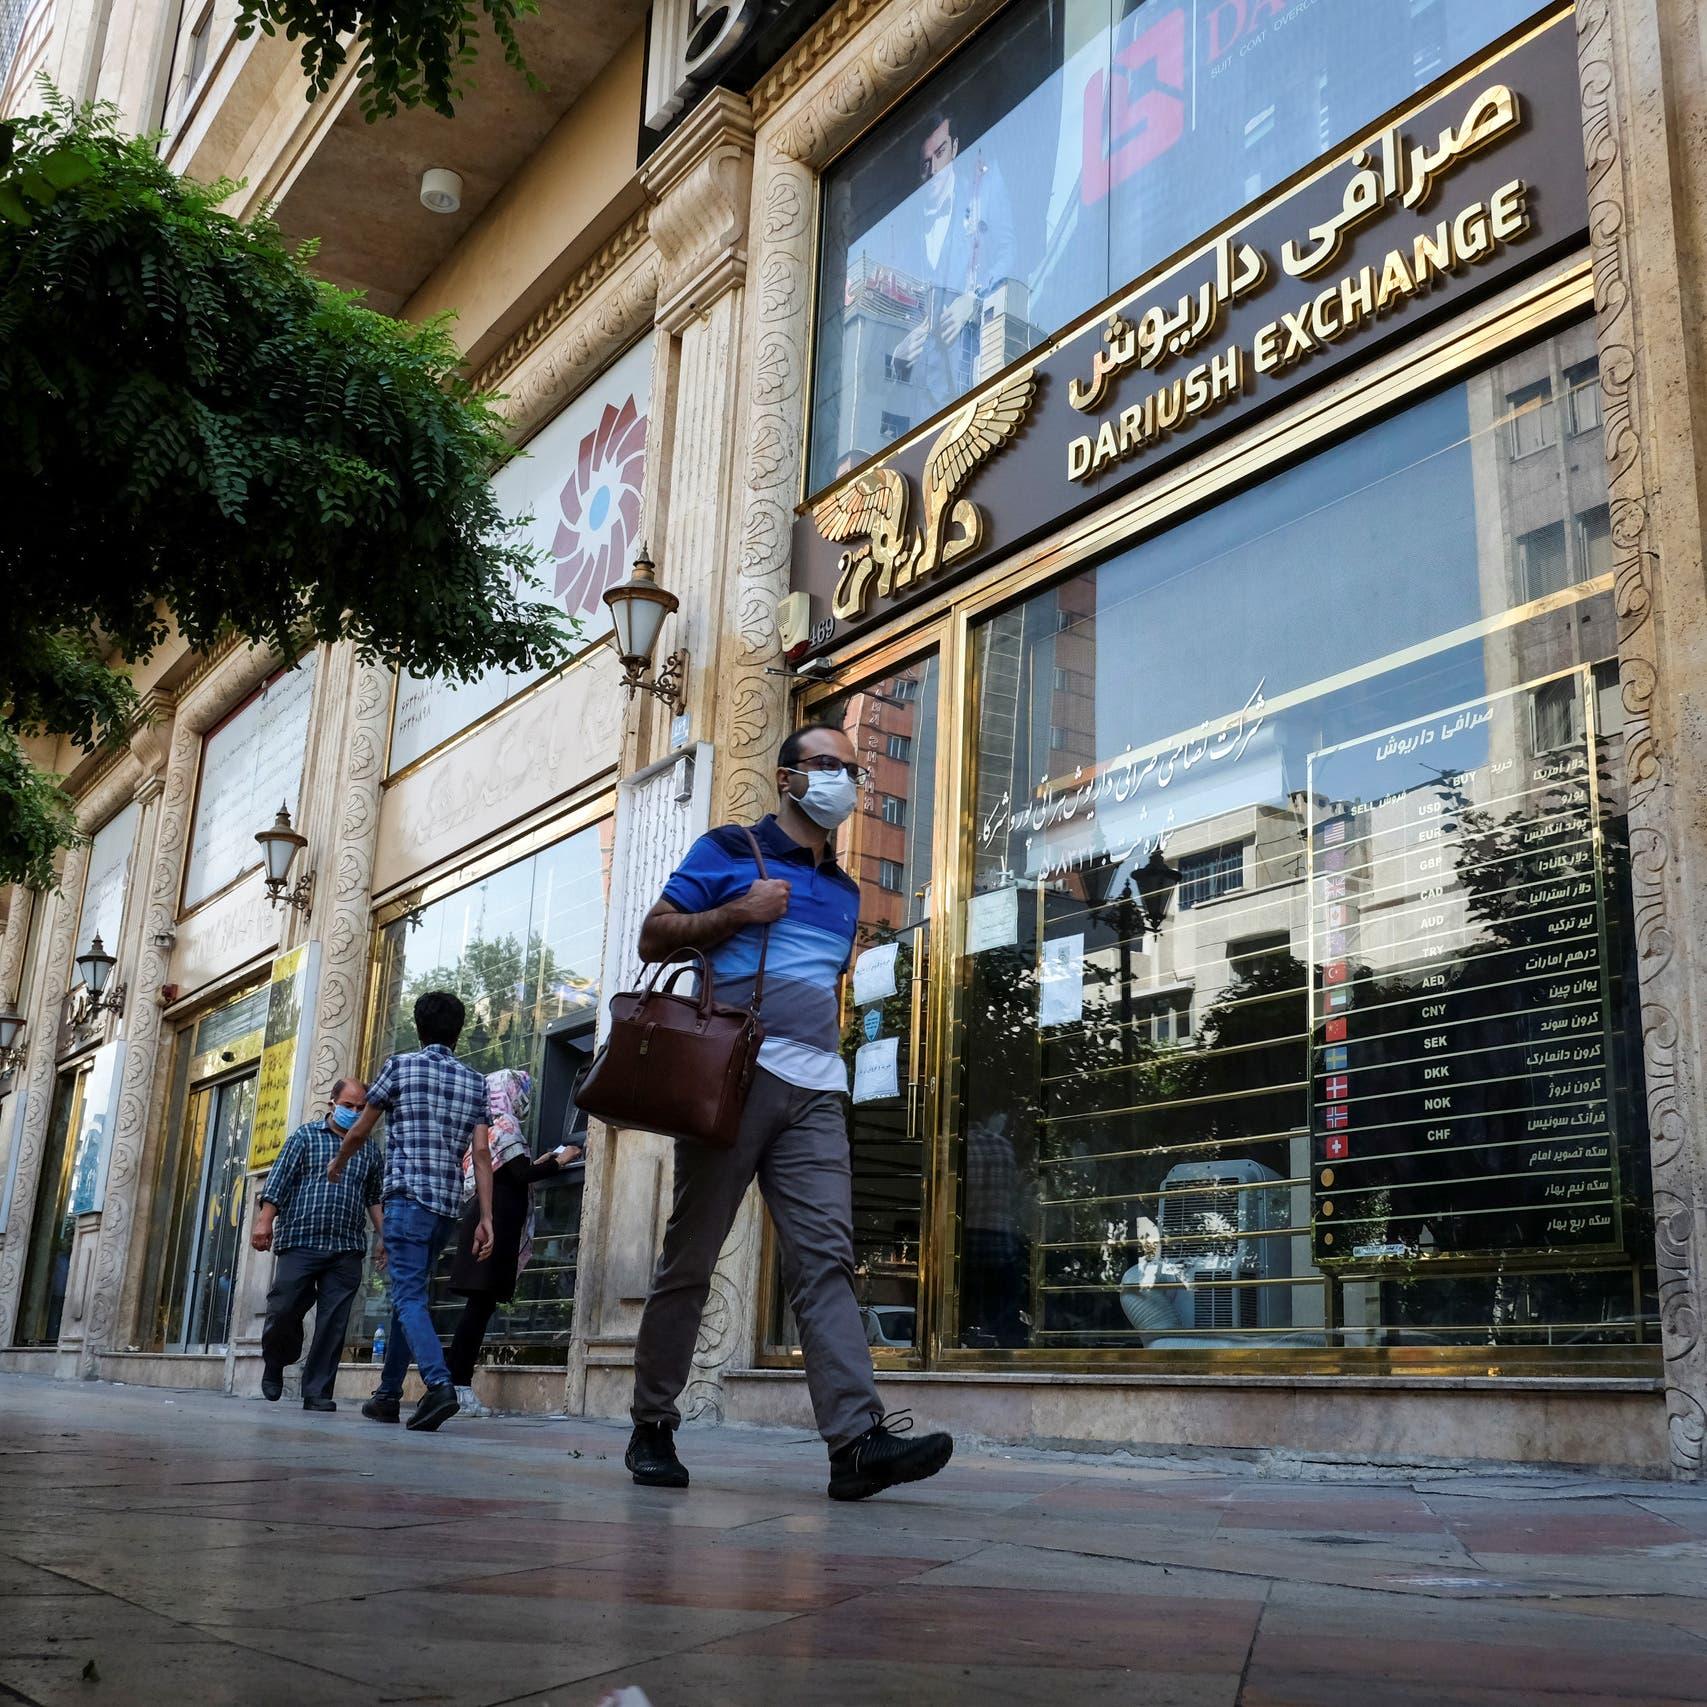 المستثمرون الأجانب يخشون من طرق أبواب إيران مجدداً لتلك الأسباب